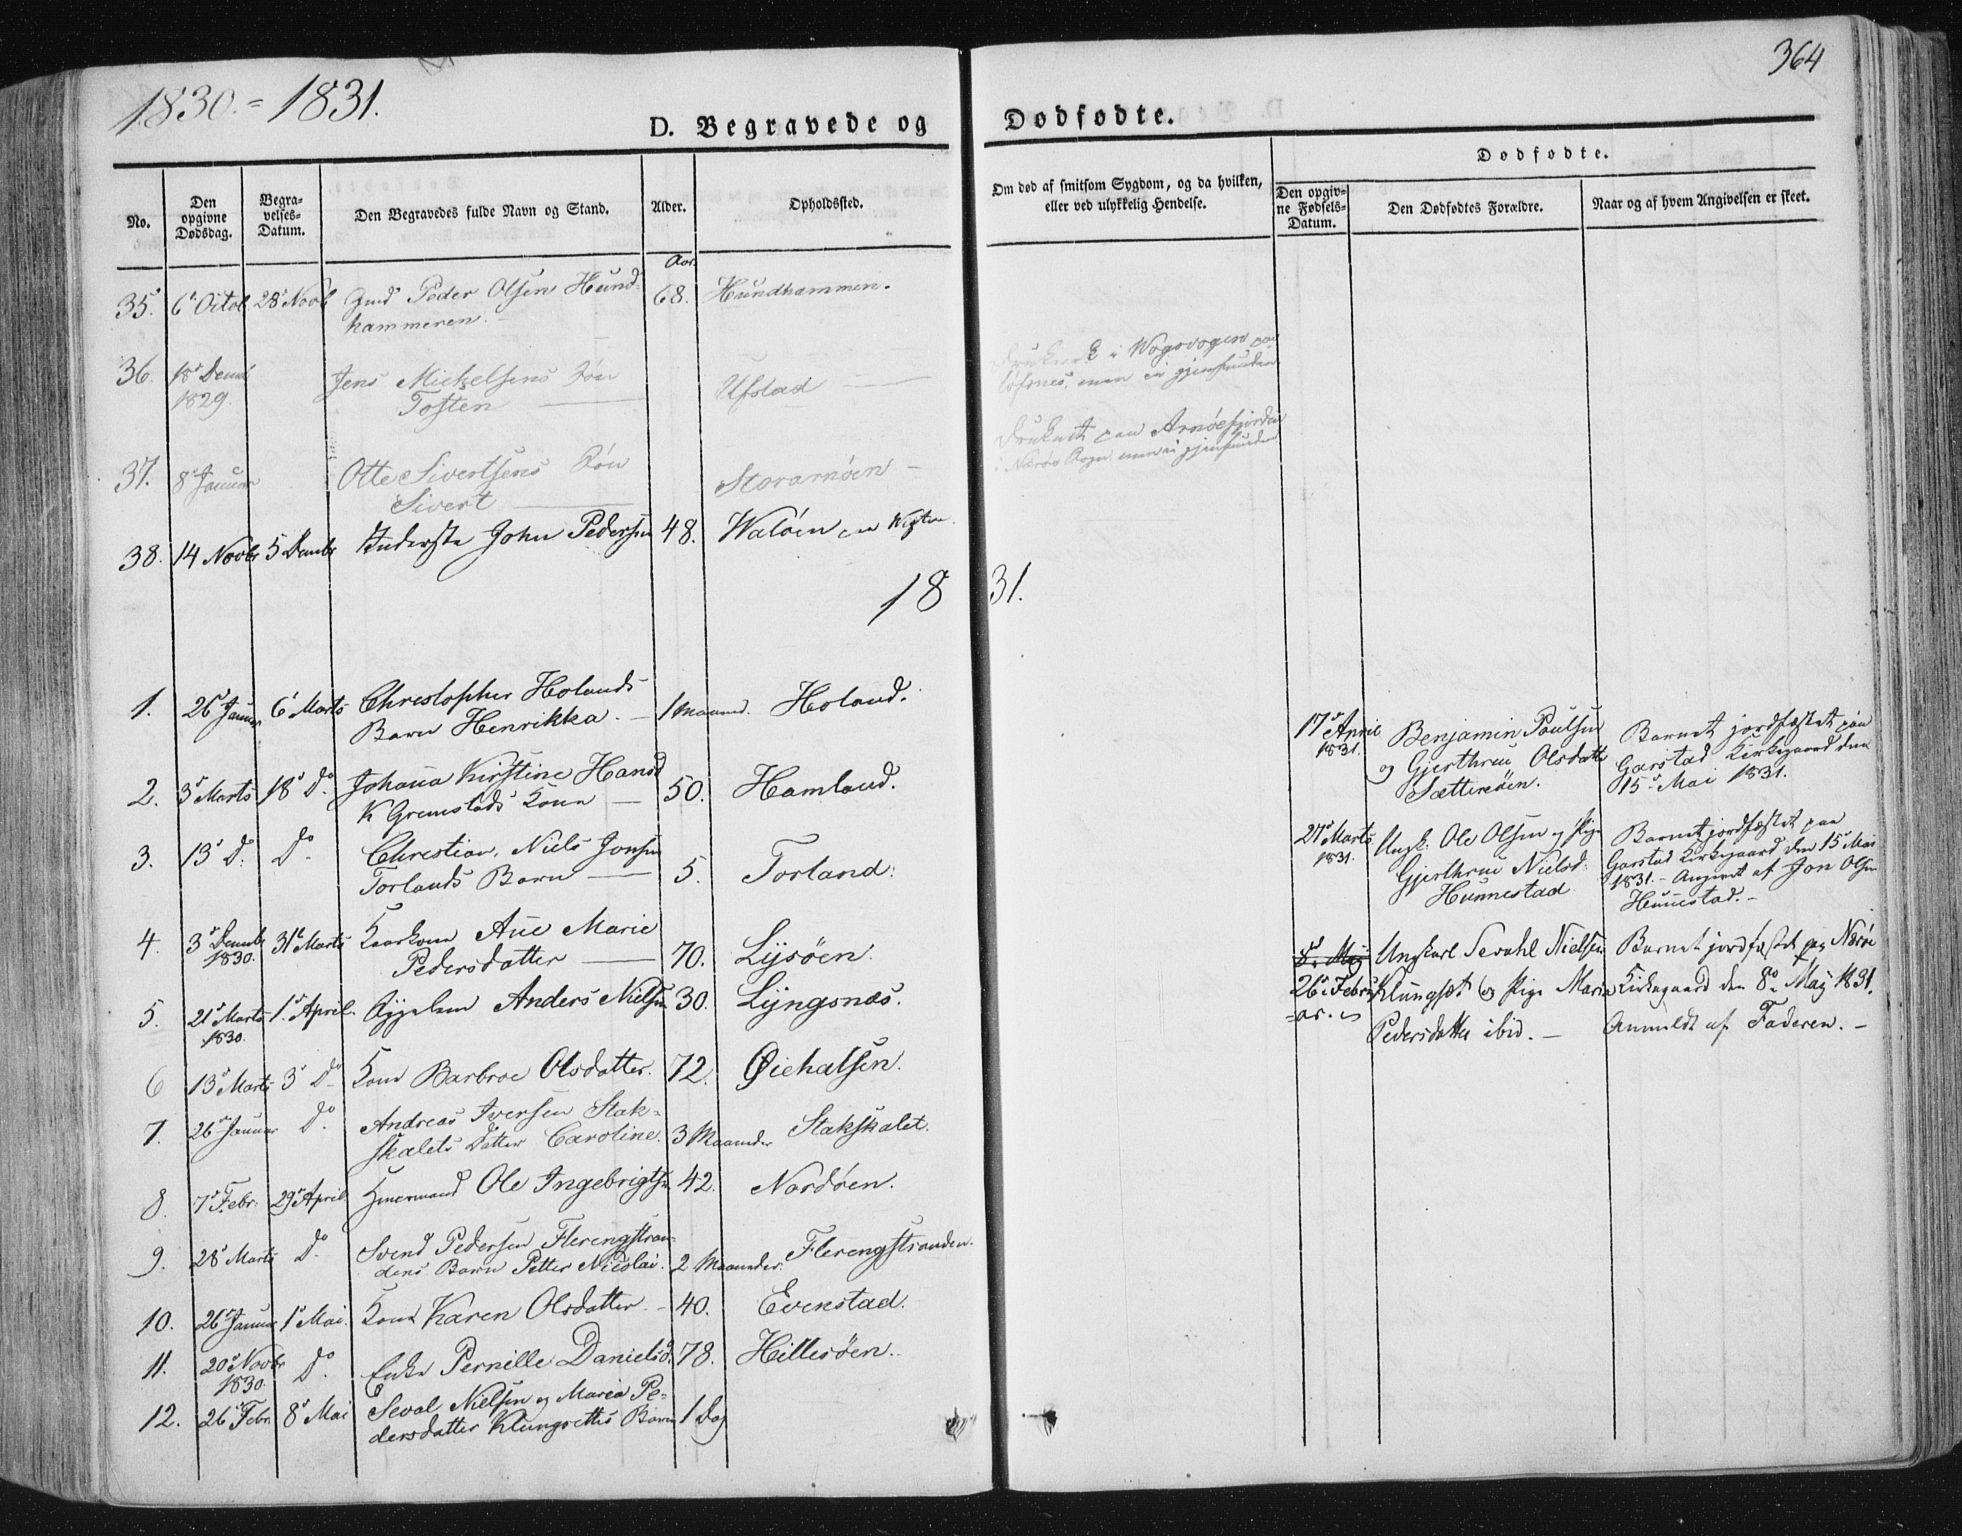 SAT, Ministerialprotokoller, klokkerbøker og fødselsregistre - Nord-Trøndelag, 784/L0669: Ministerialbok nr. 784A04, 1829-1859, s. 364